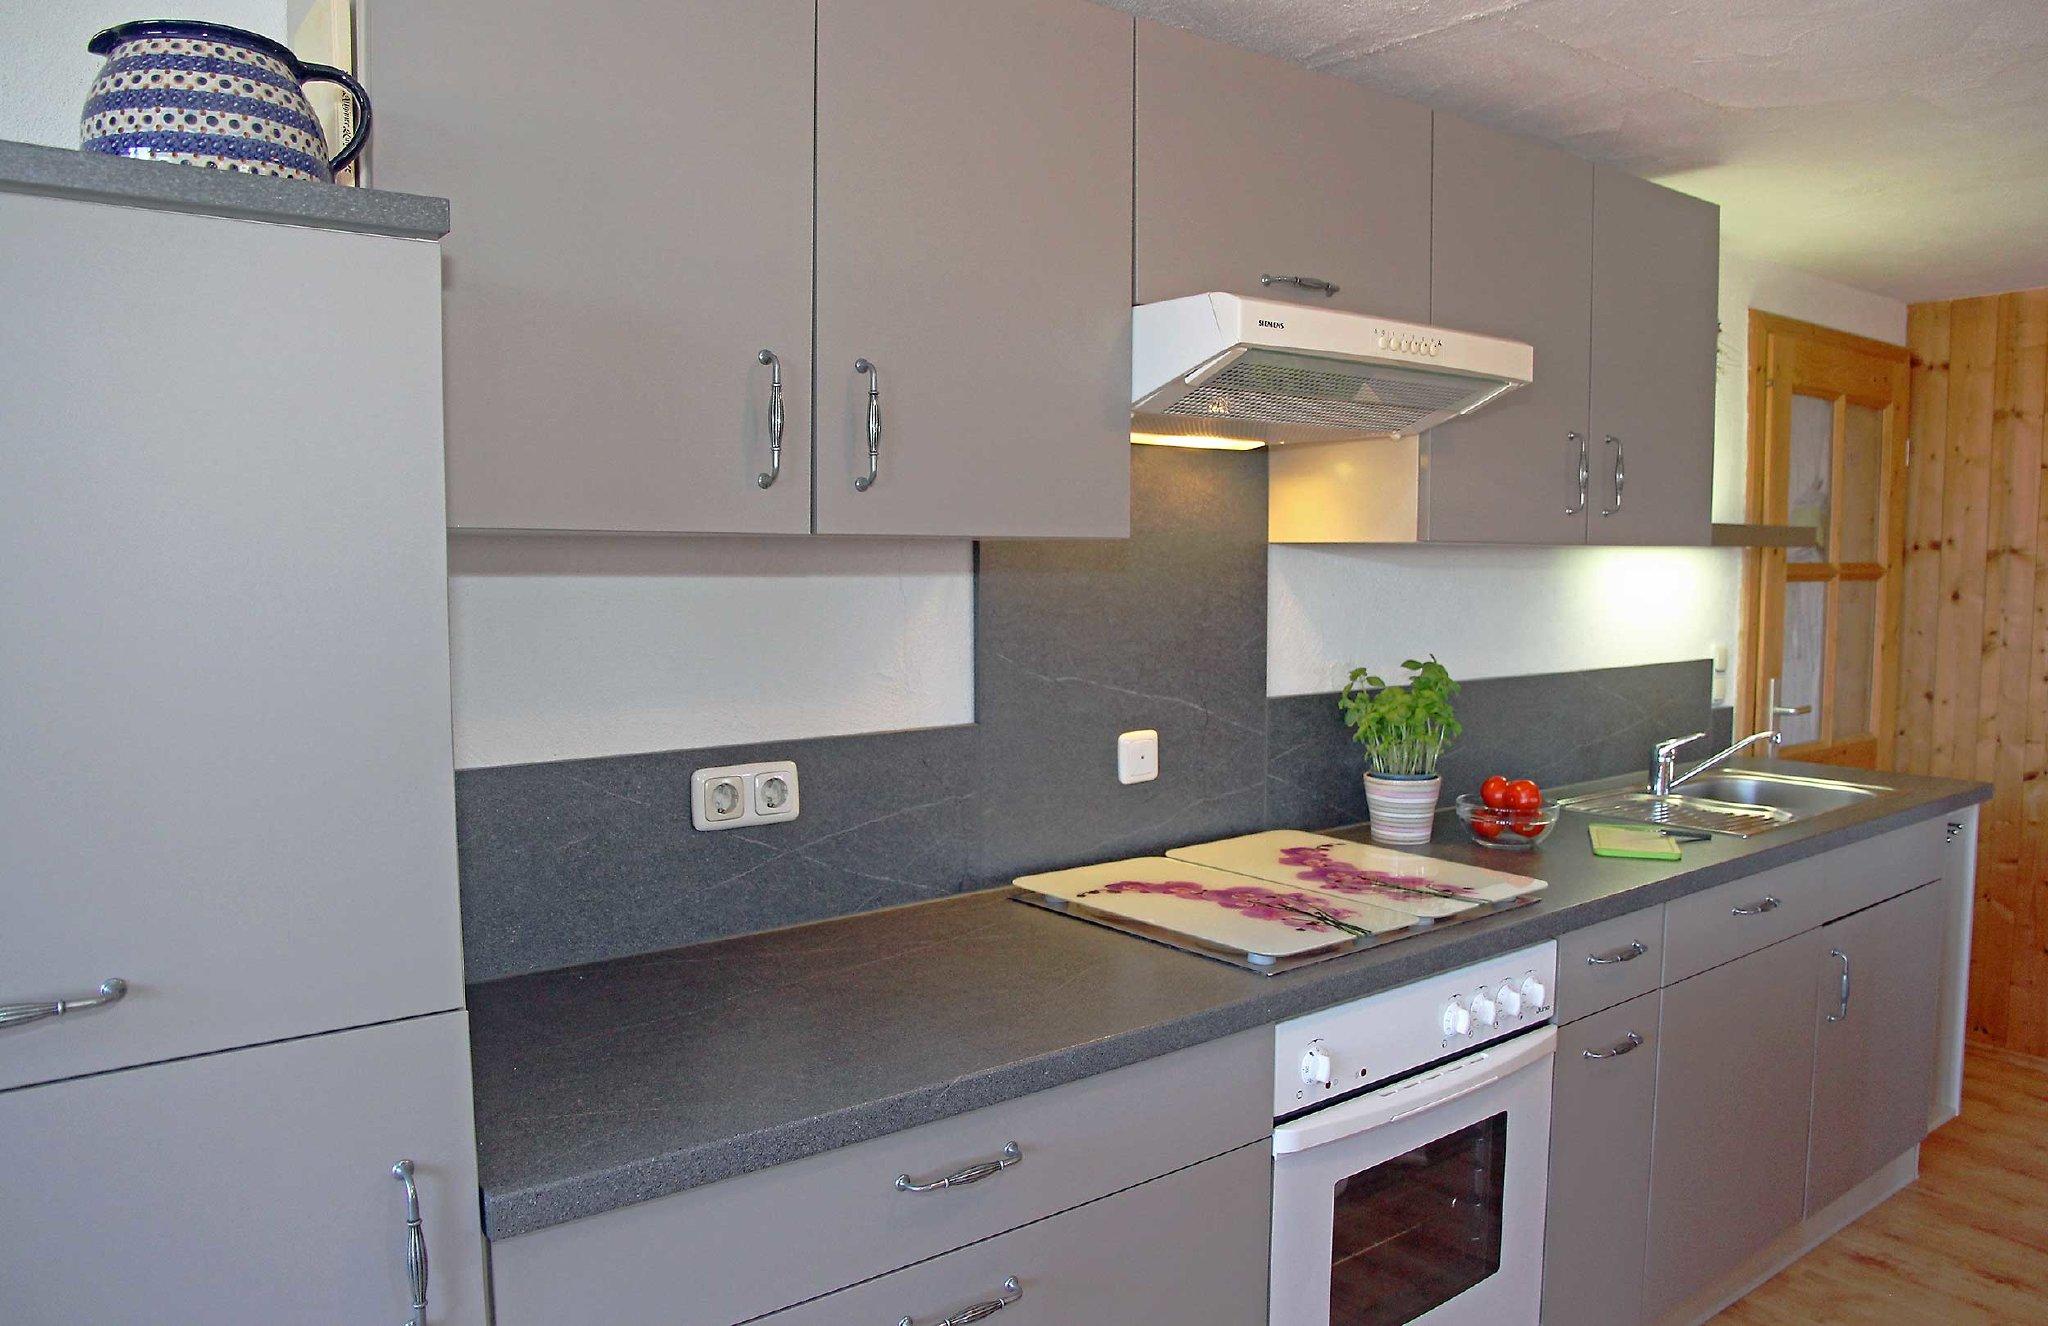 bestens ausgestattete Einbauküche